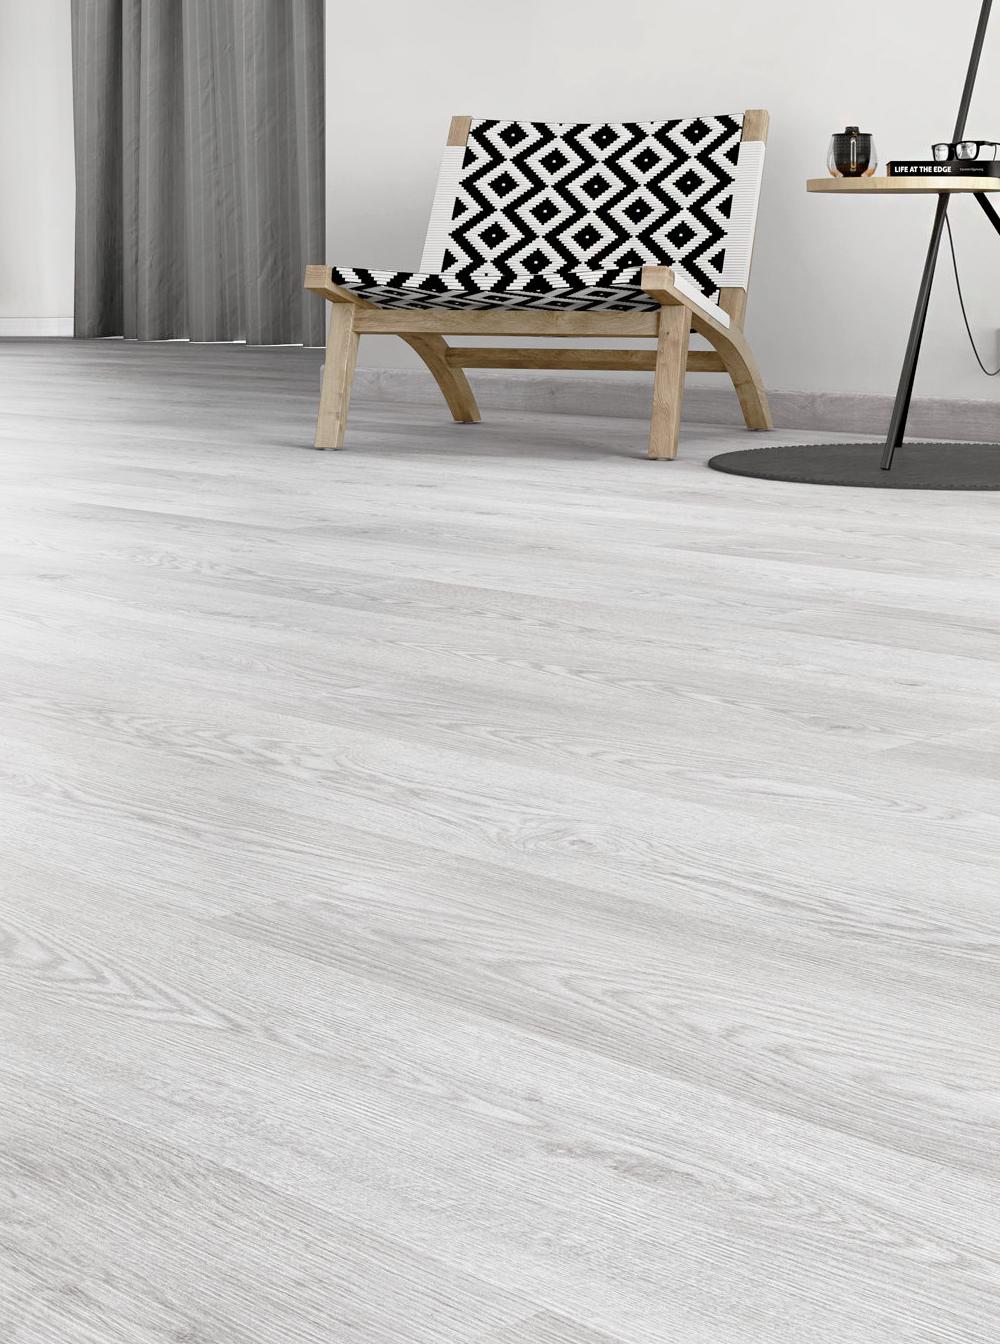 White floor at home / Poner un suelo blanco en casa